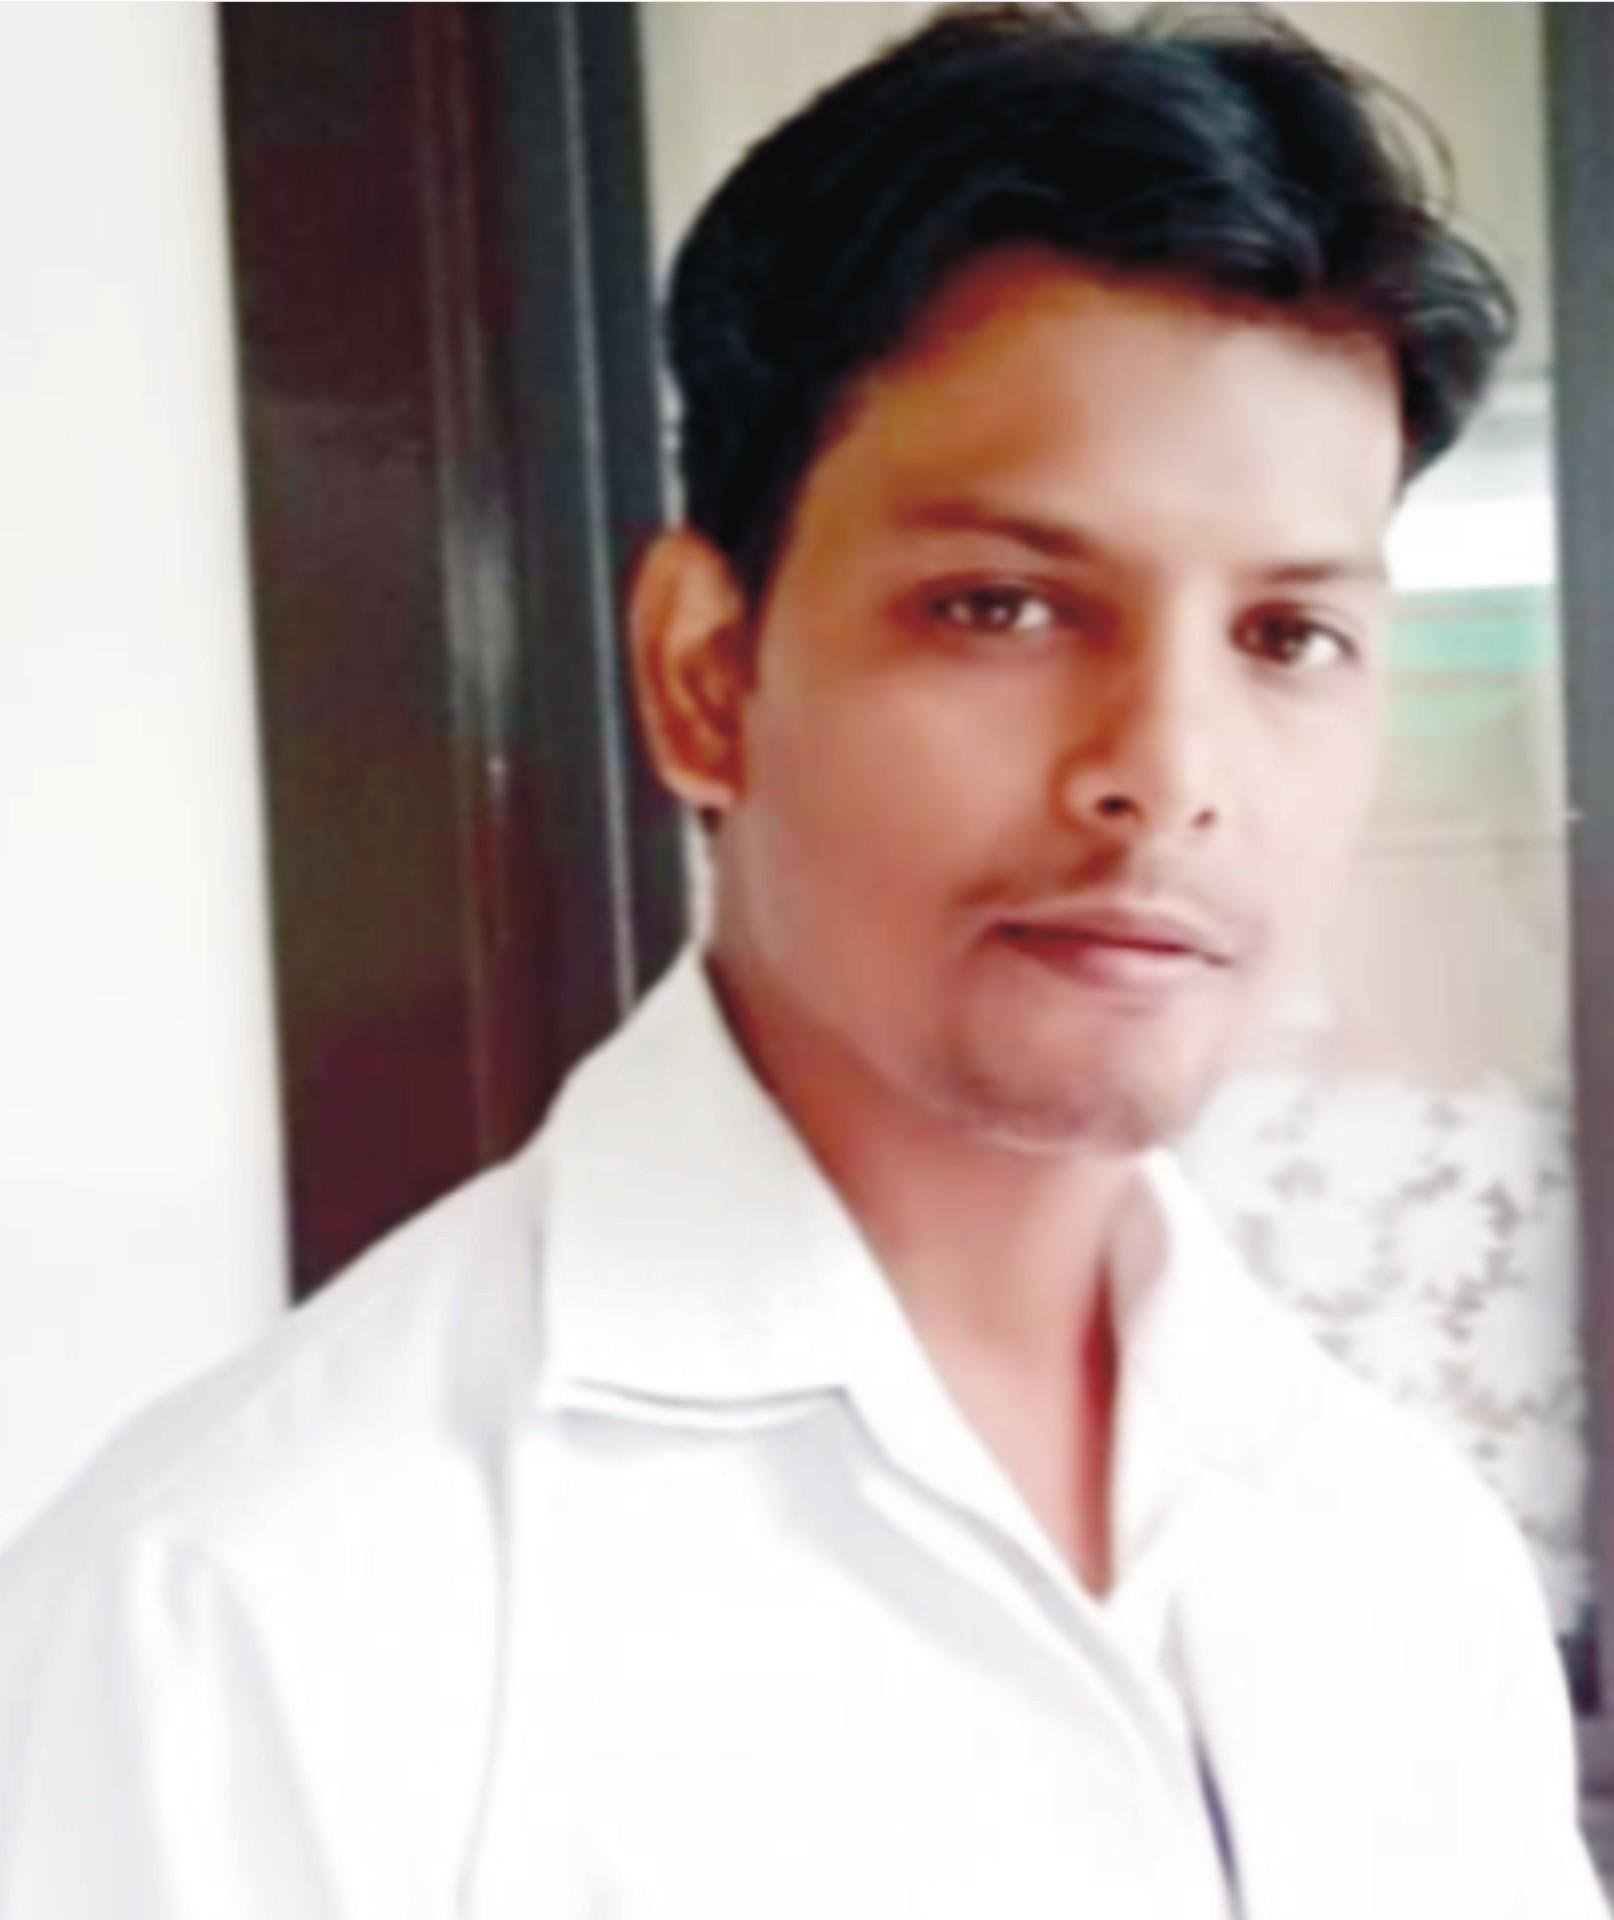 Awadhesh Pal